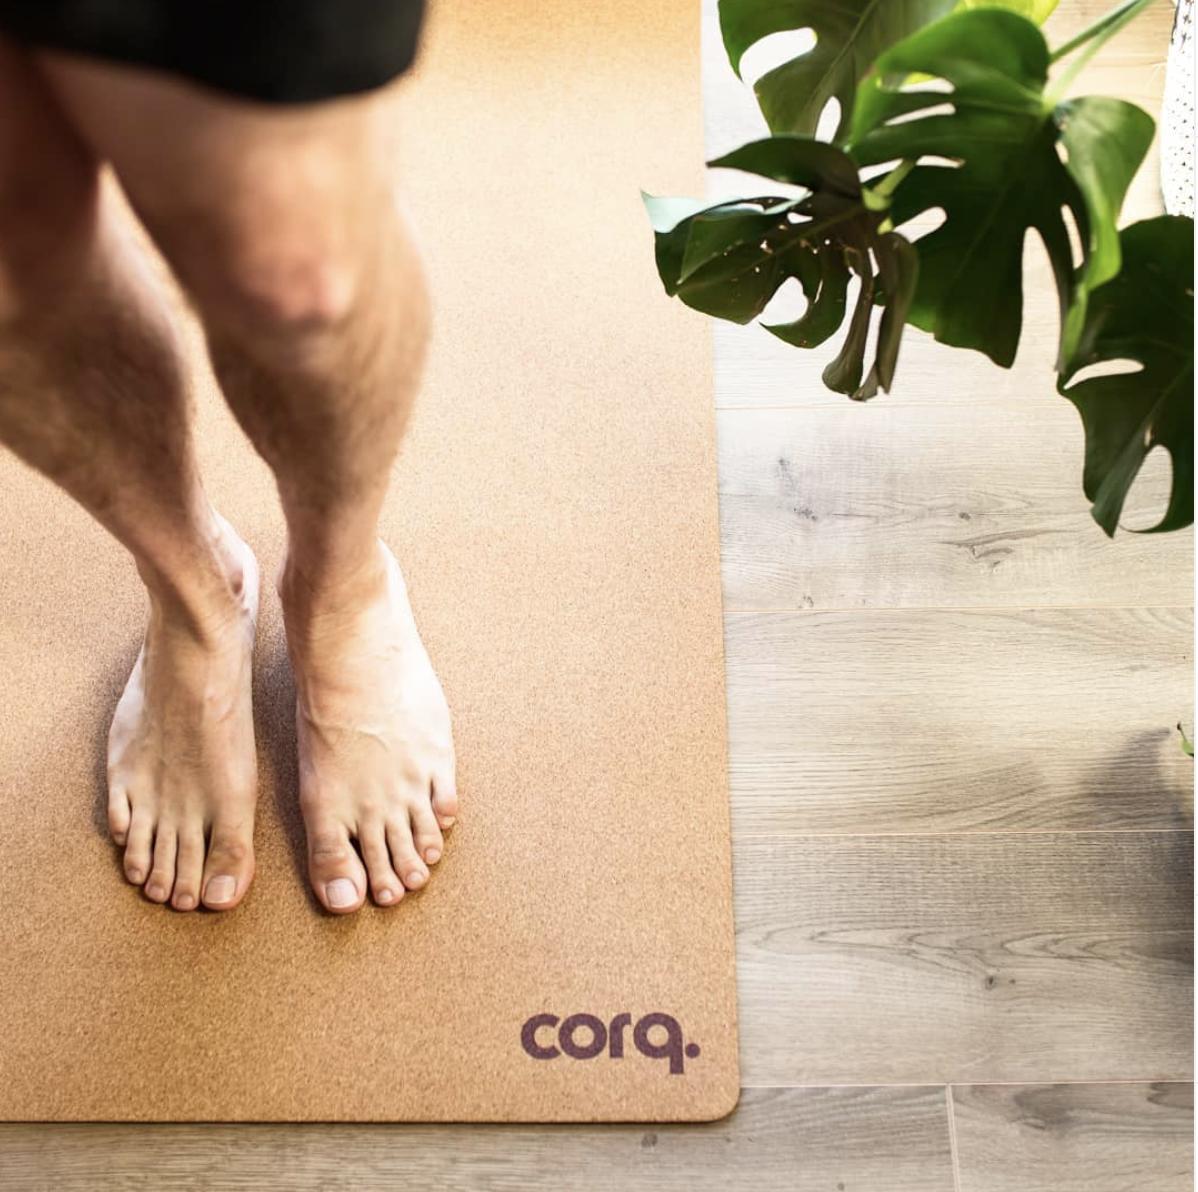 Corq Yoga